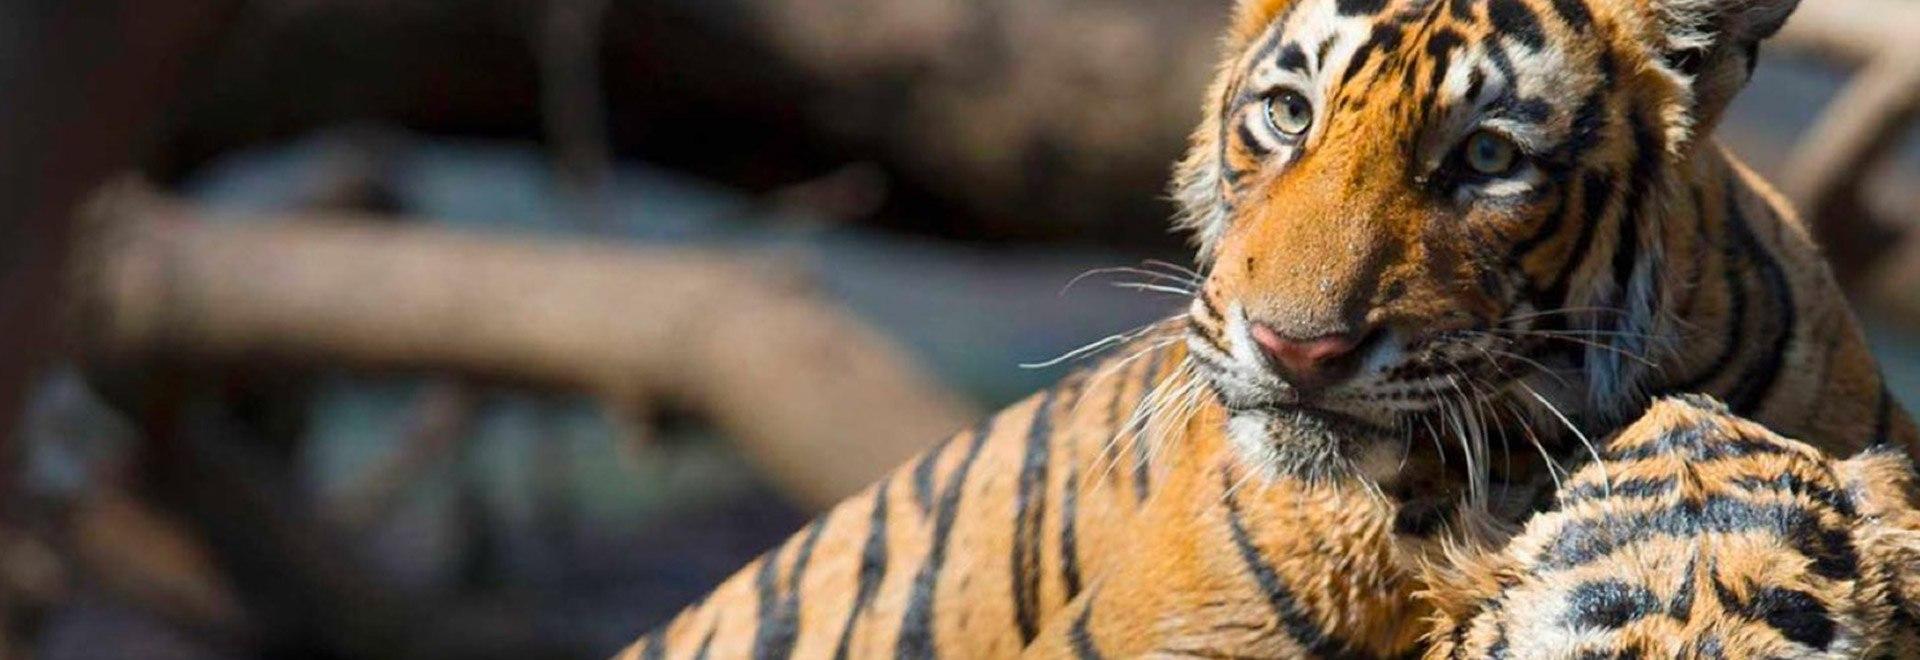 La tigre leggendaria